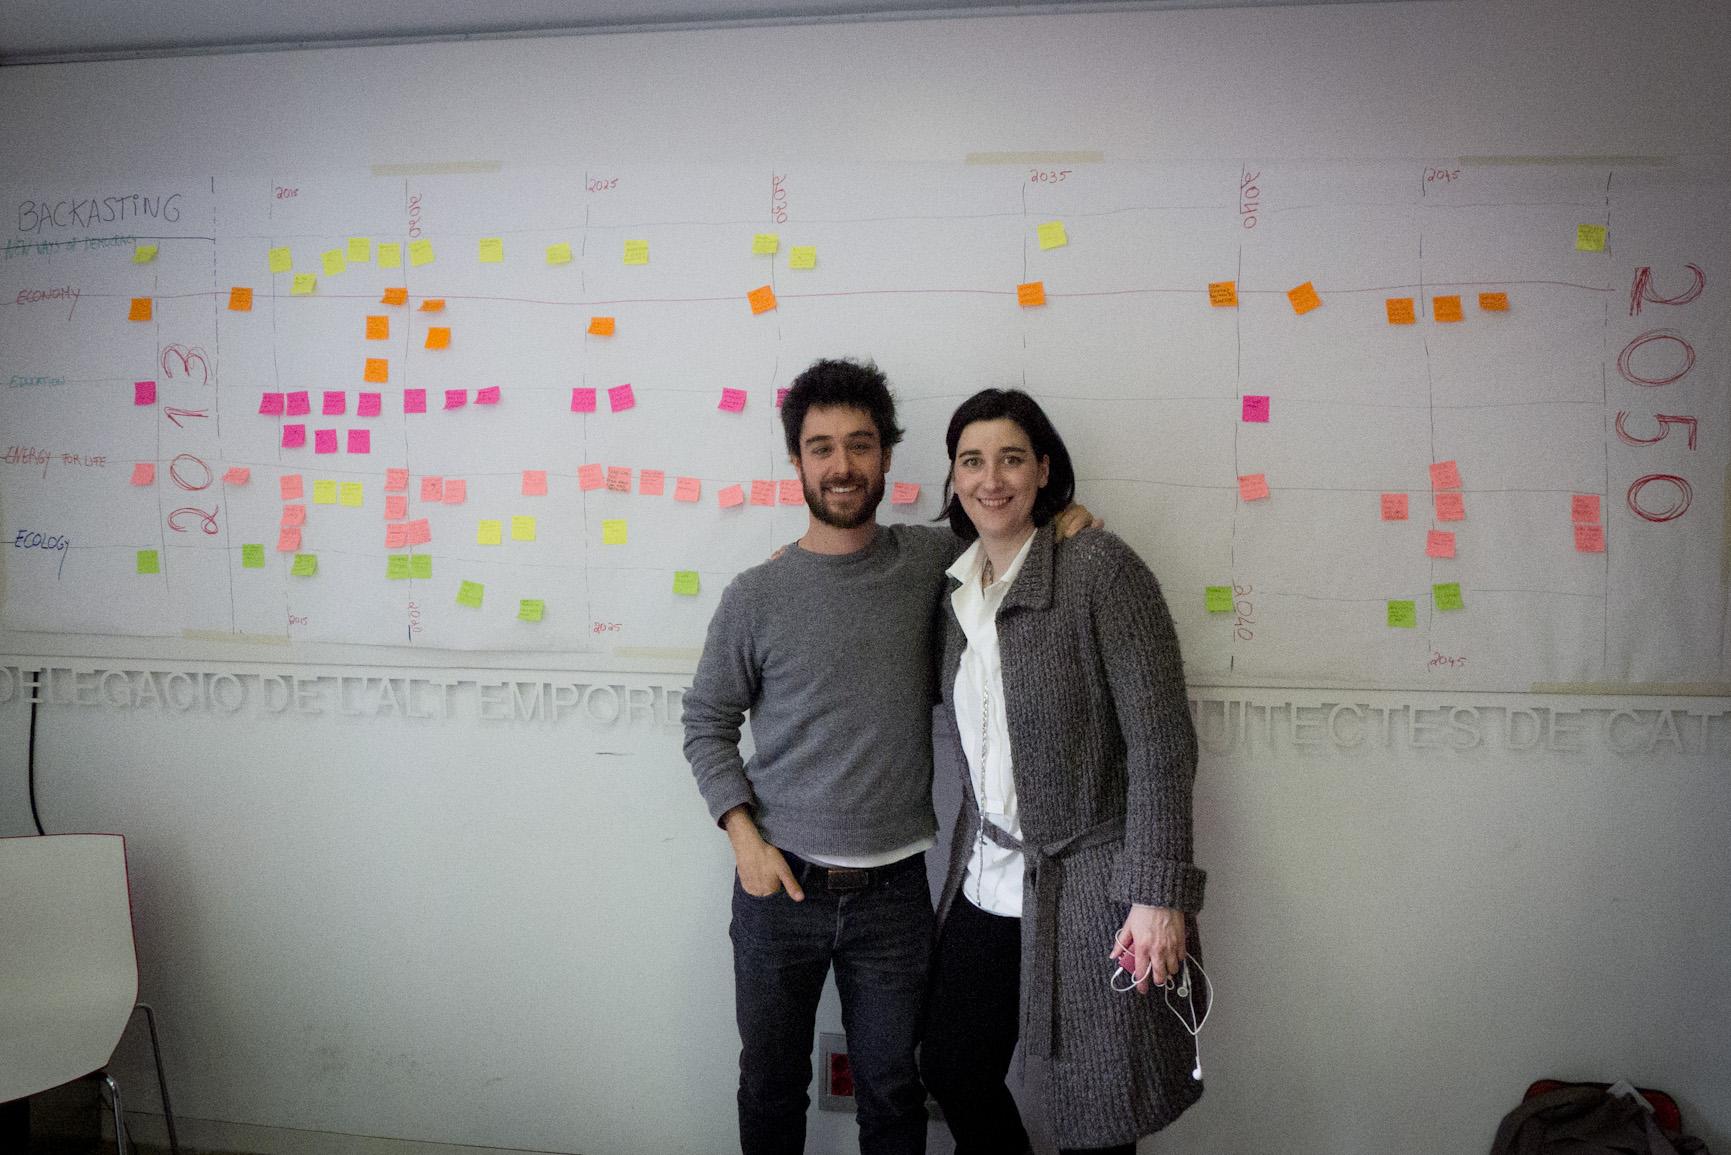 Backcasting workshop Figueres- Filipa Pimentel y Juan del Río - Transición Sostenible